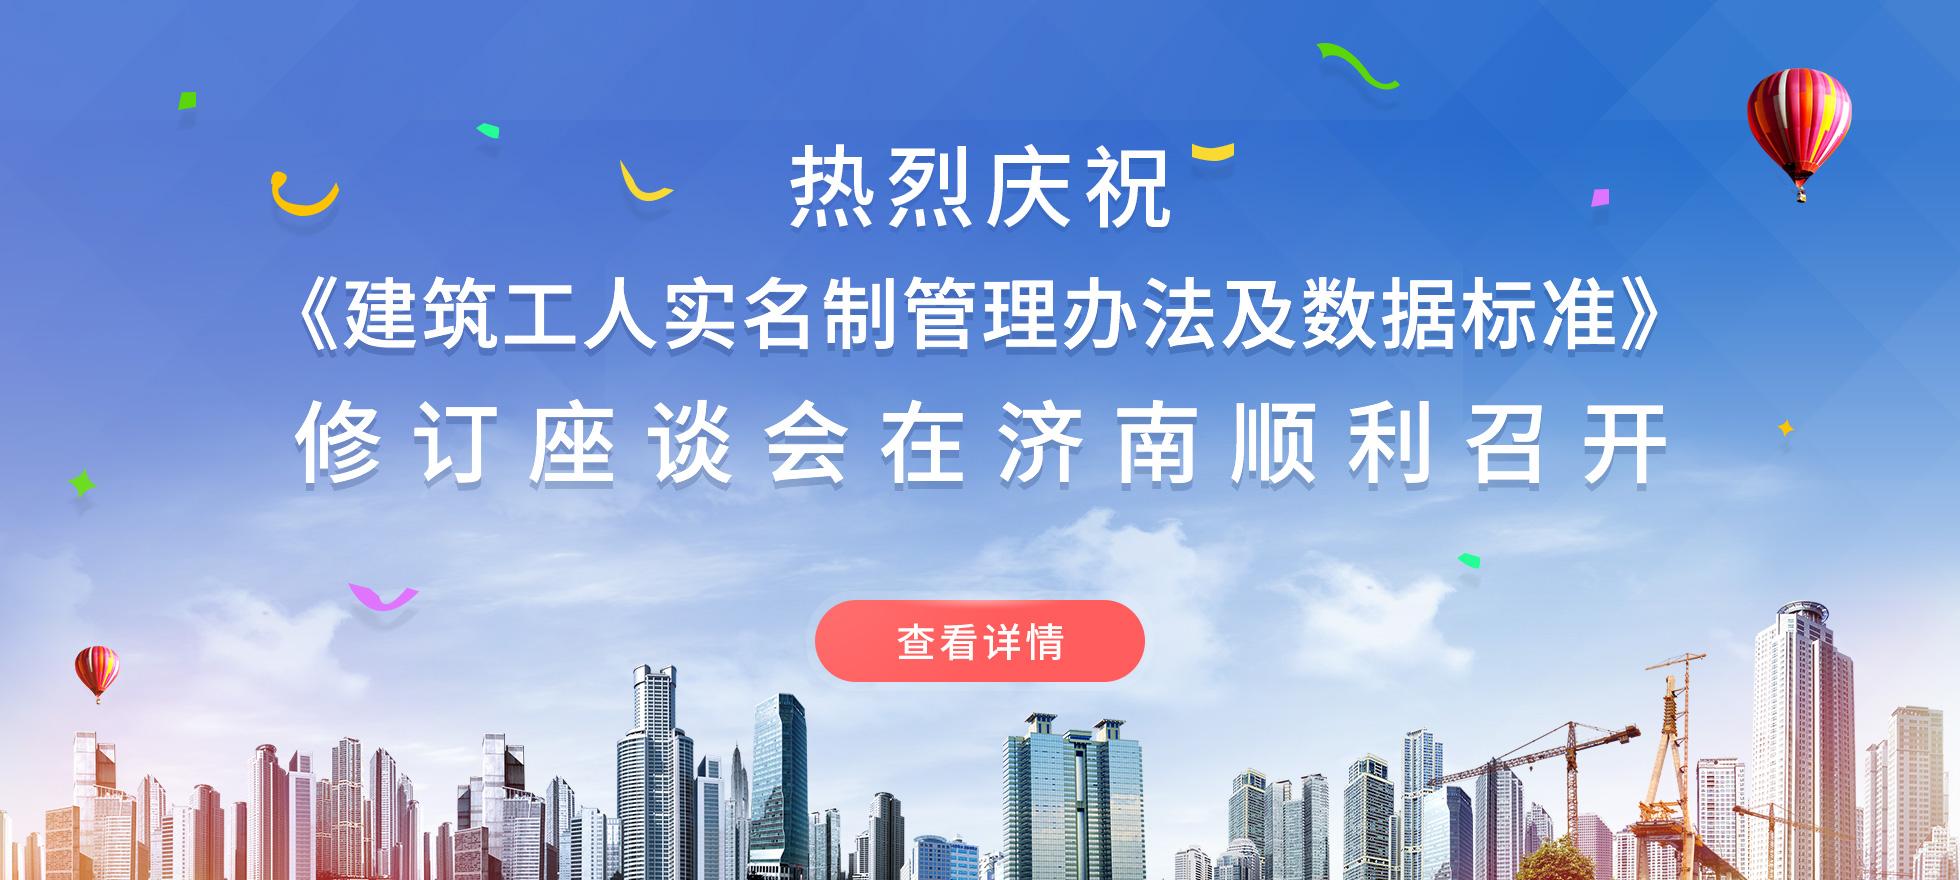 热烈庆祝《建筑工人实名制管理办法及数据标准》修订座谈会在济南顺利召开